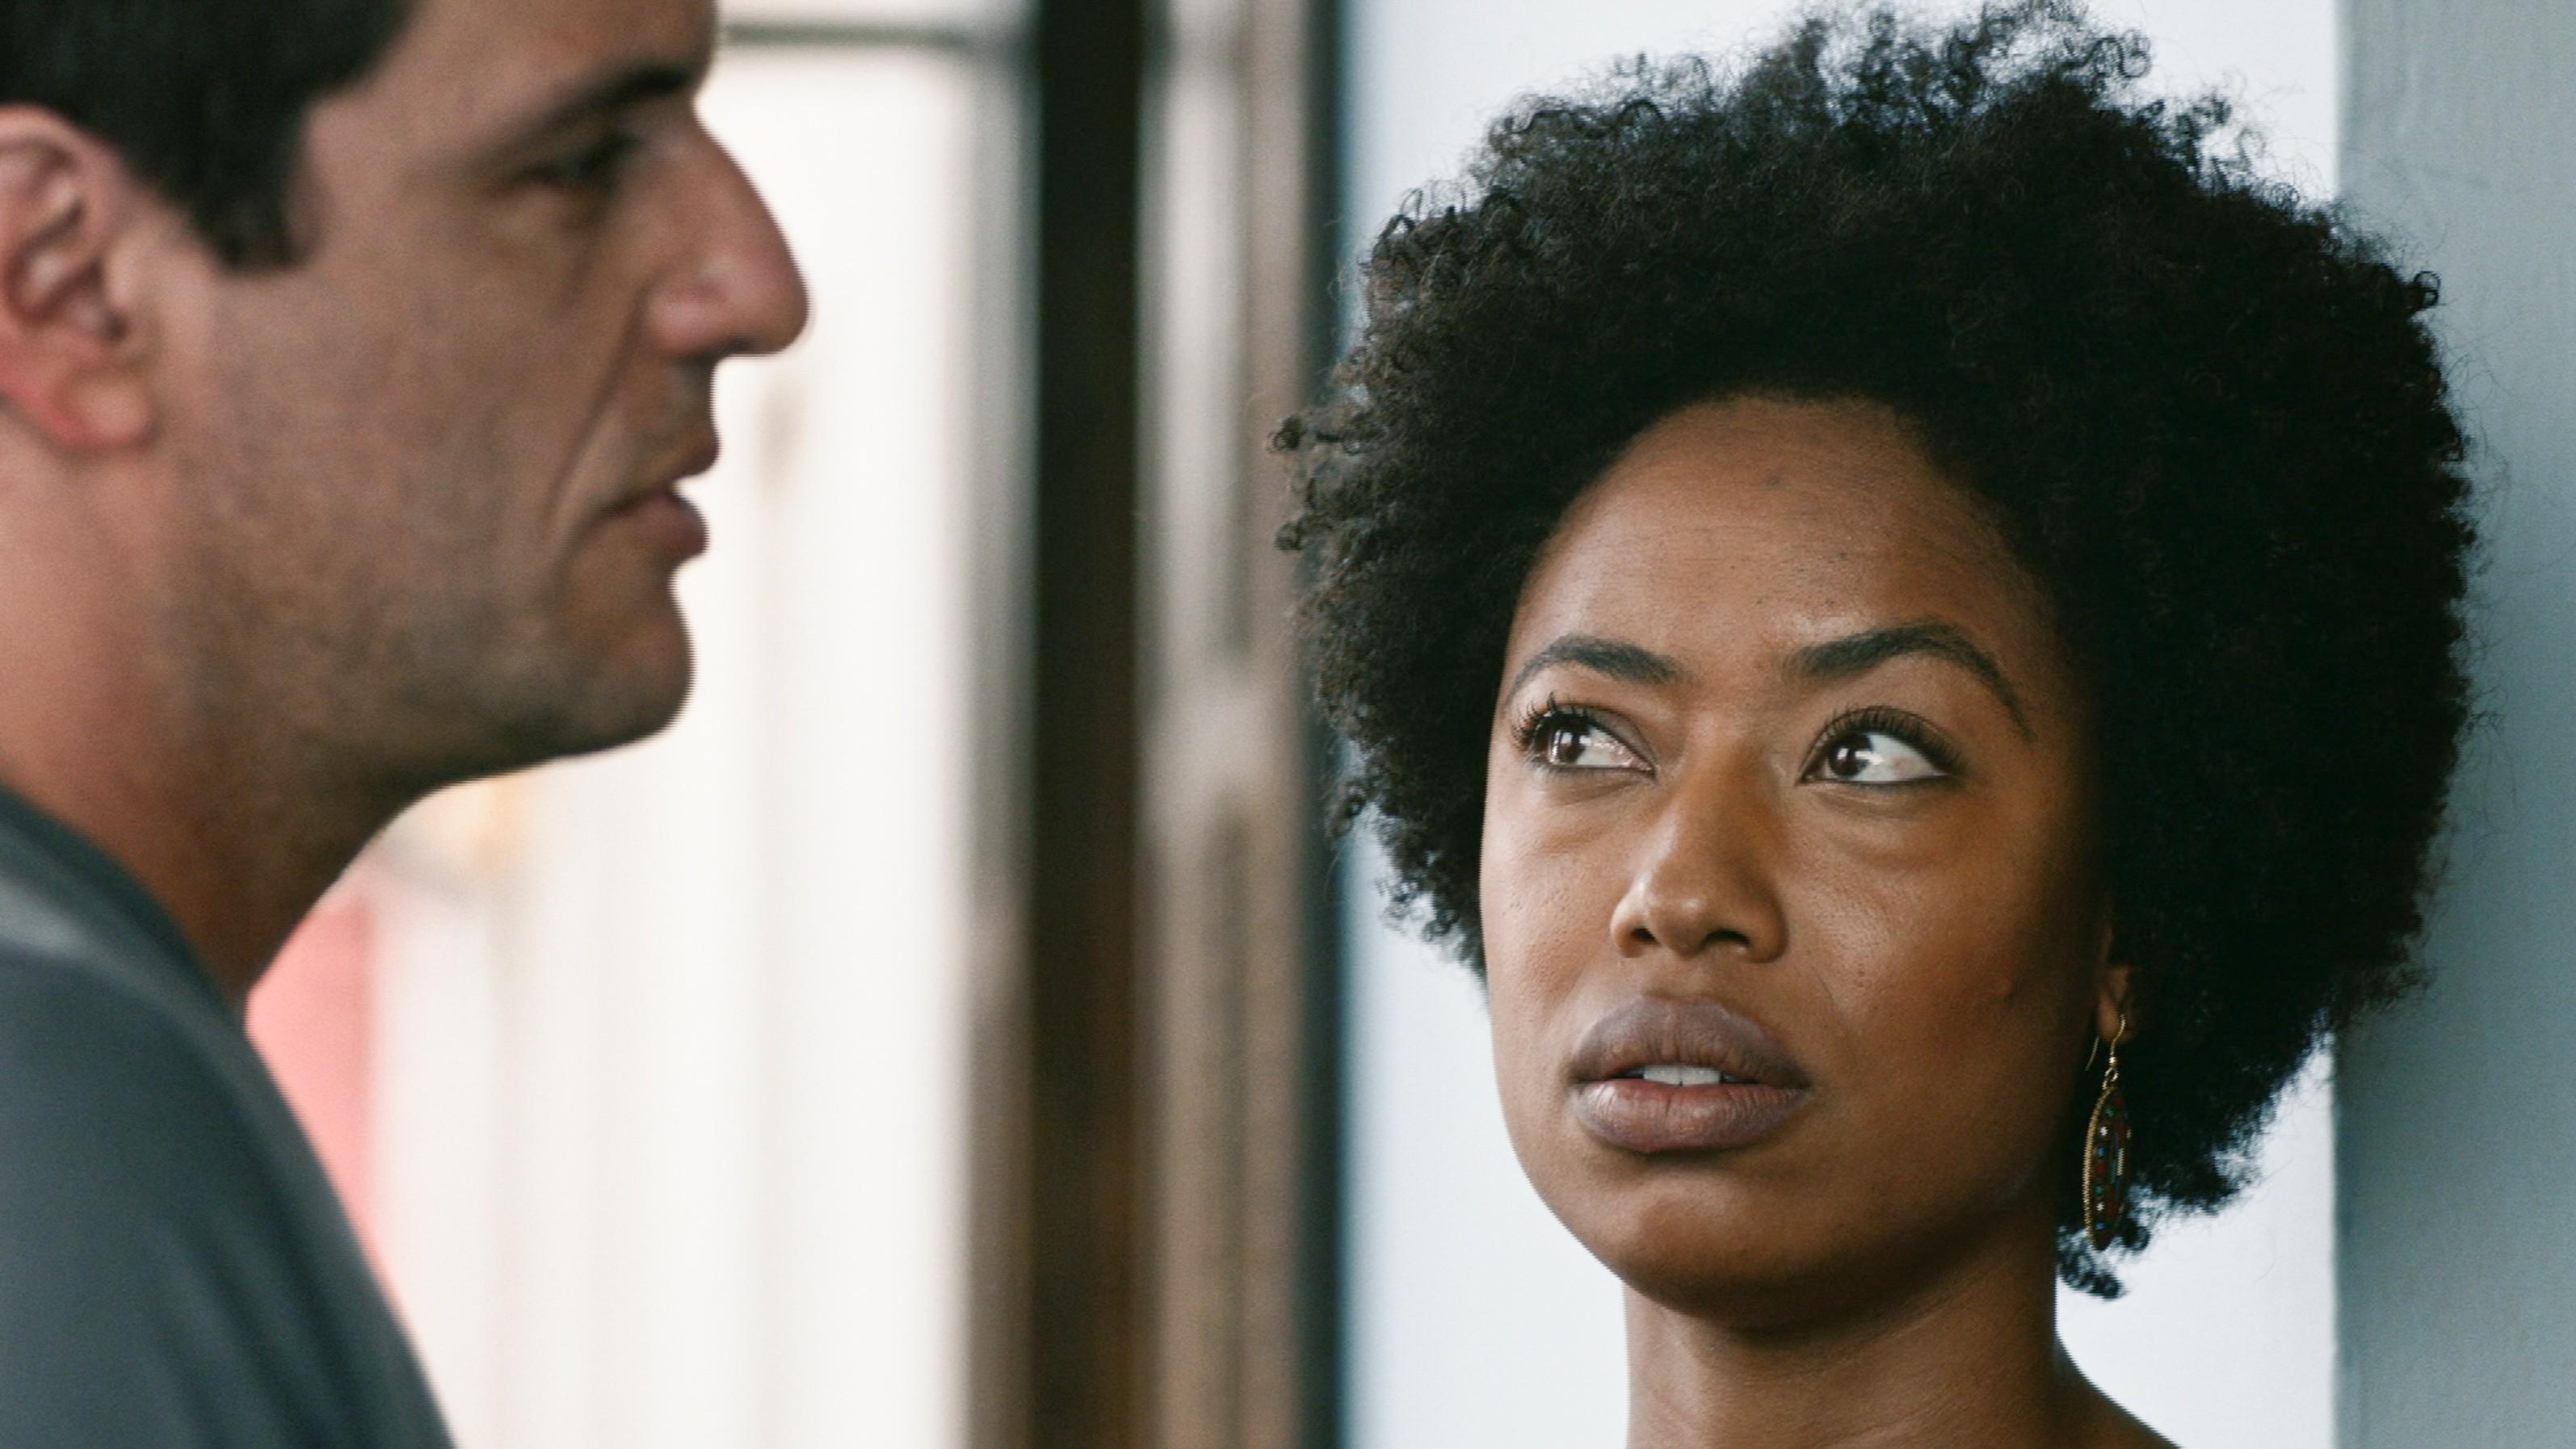 'Falta enxergar negros em personagens onde estão sendo simplesmente pessoas', diz Mariana Nunes, de 'Carcereiros'